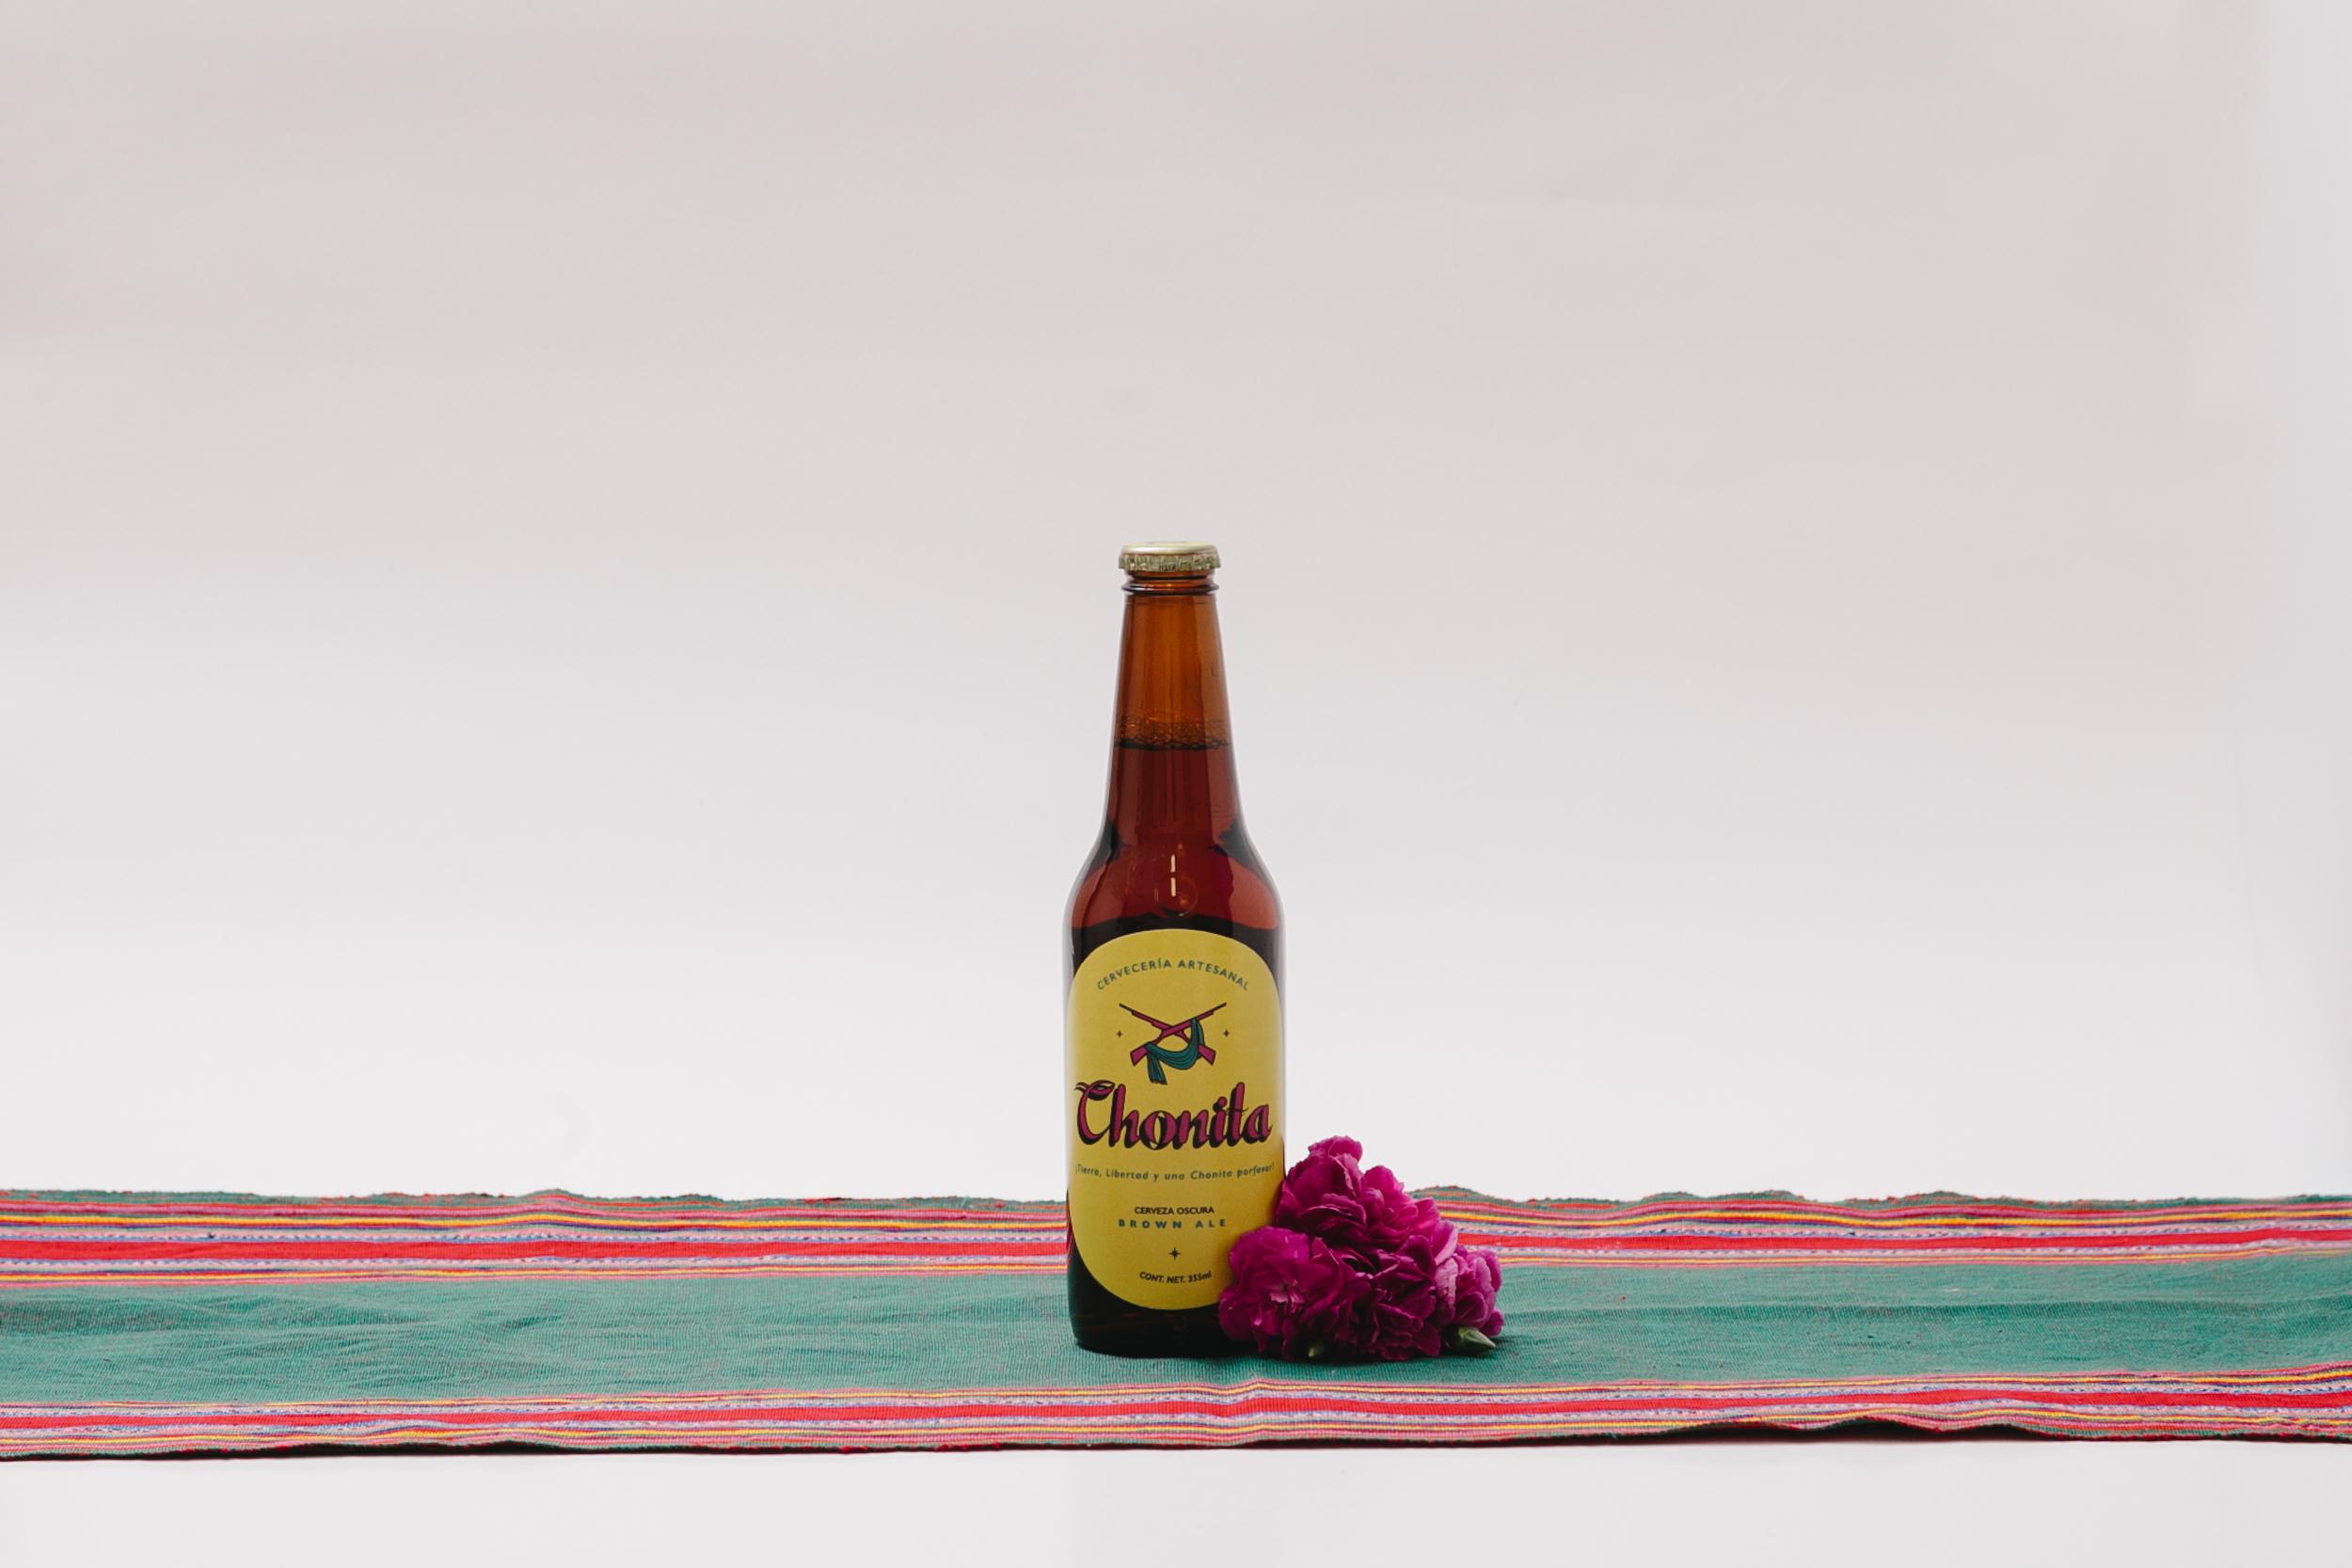 Proyecto Cerveza Chonita | Julia Dávalos